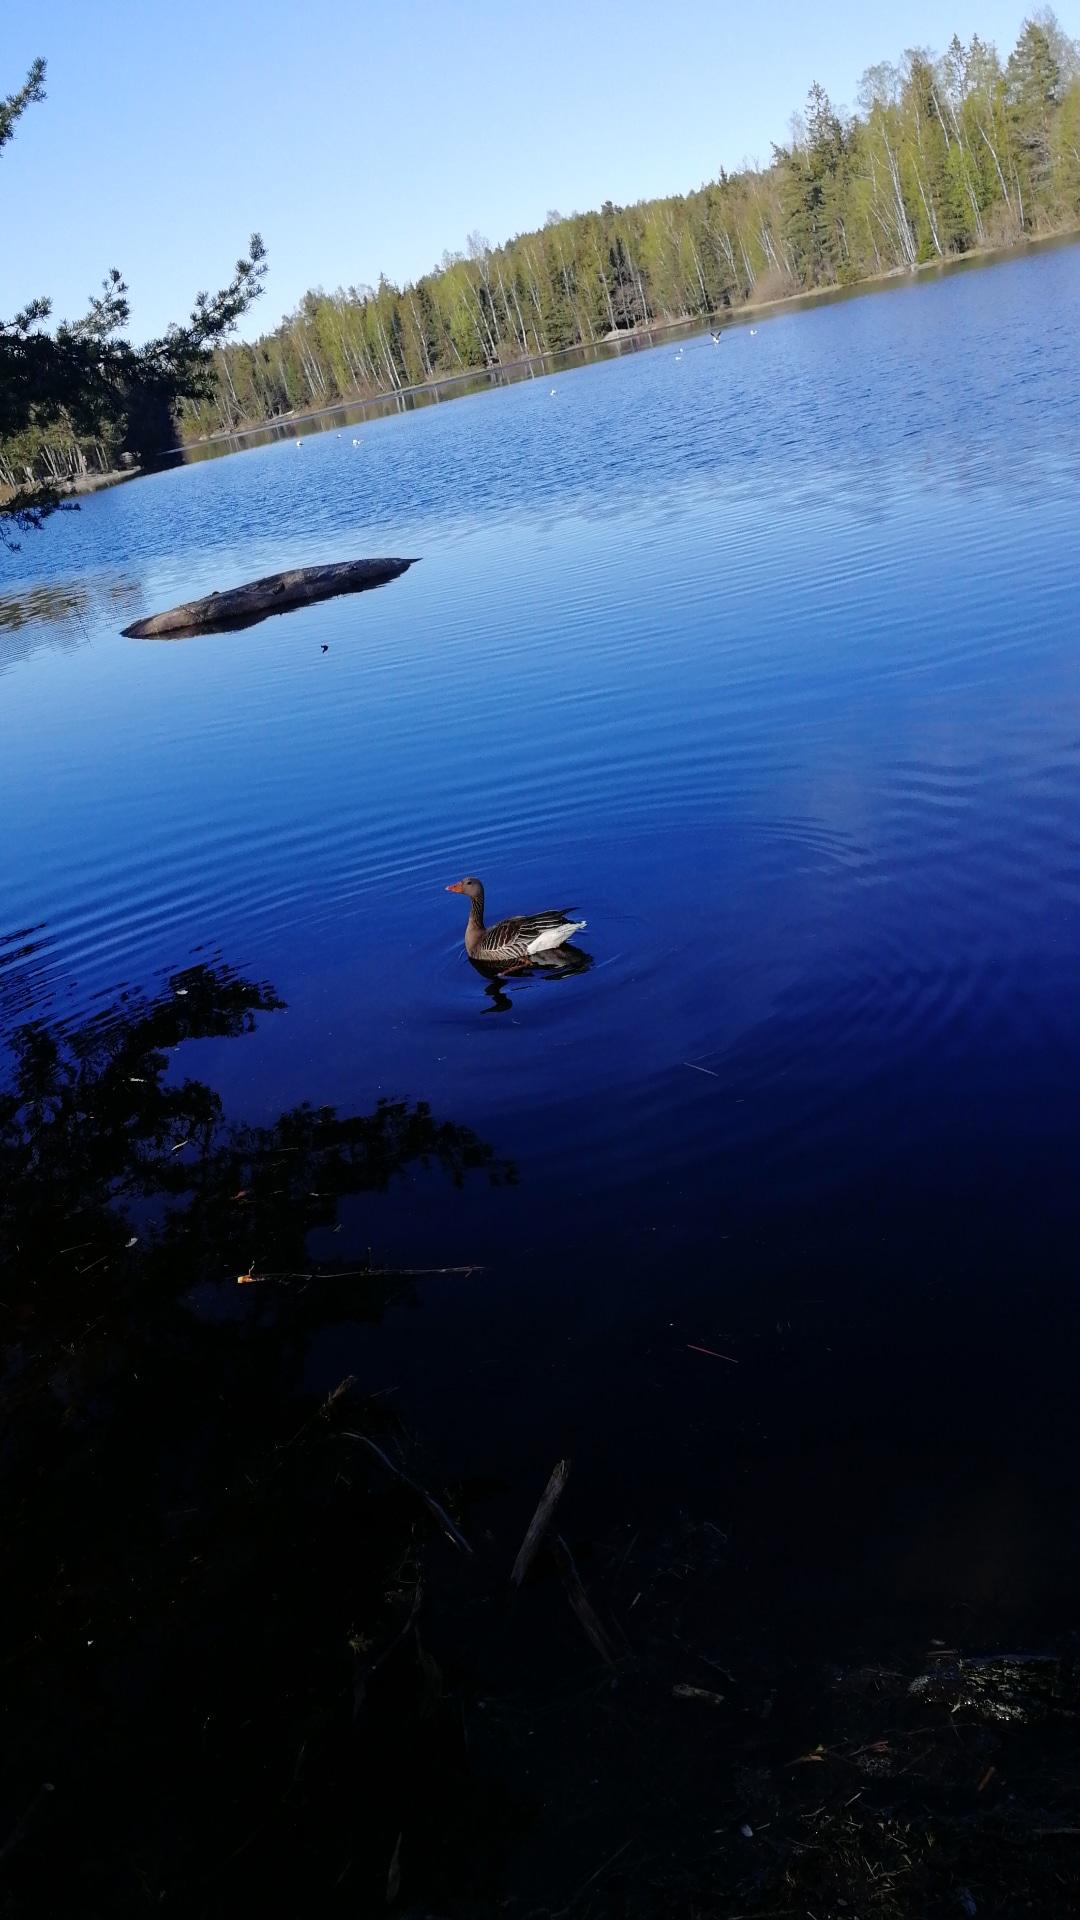 natur-bilder-naturbilder-drøbak-frogn-viken-skansen-øvredammen-dam-innsjø-and-gjess-blogg-blogger-blog-skog-trær-naturlig-grønt-